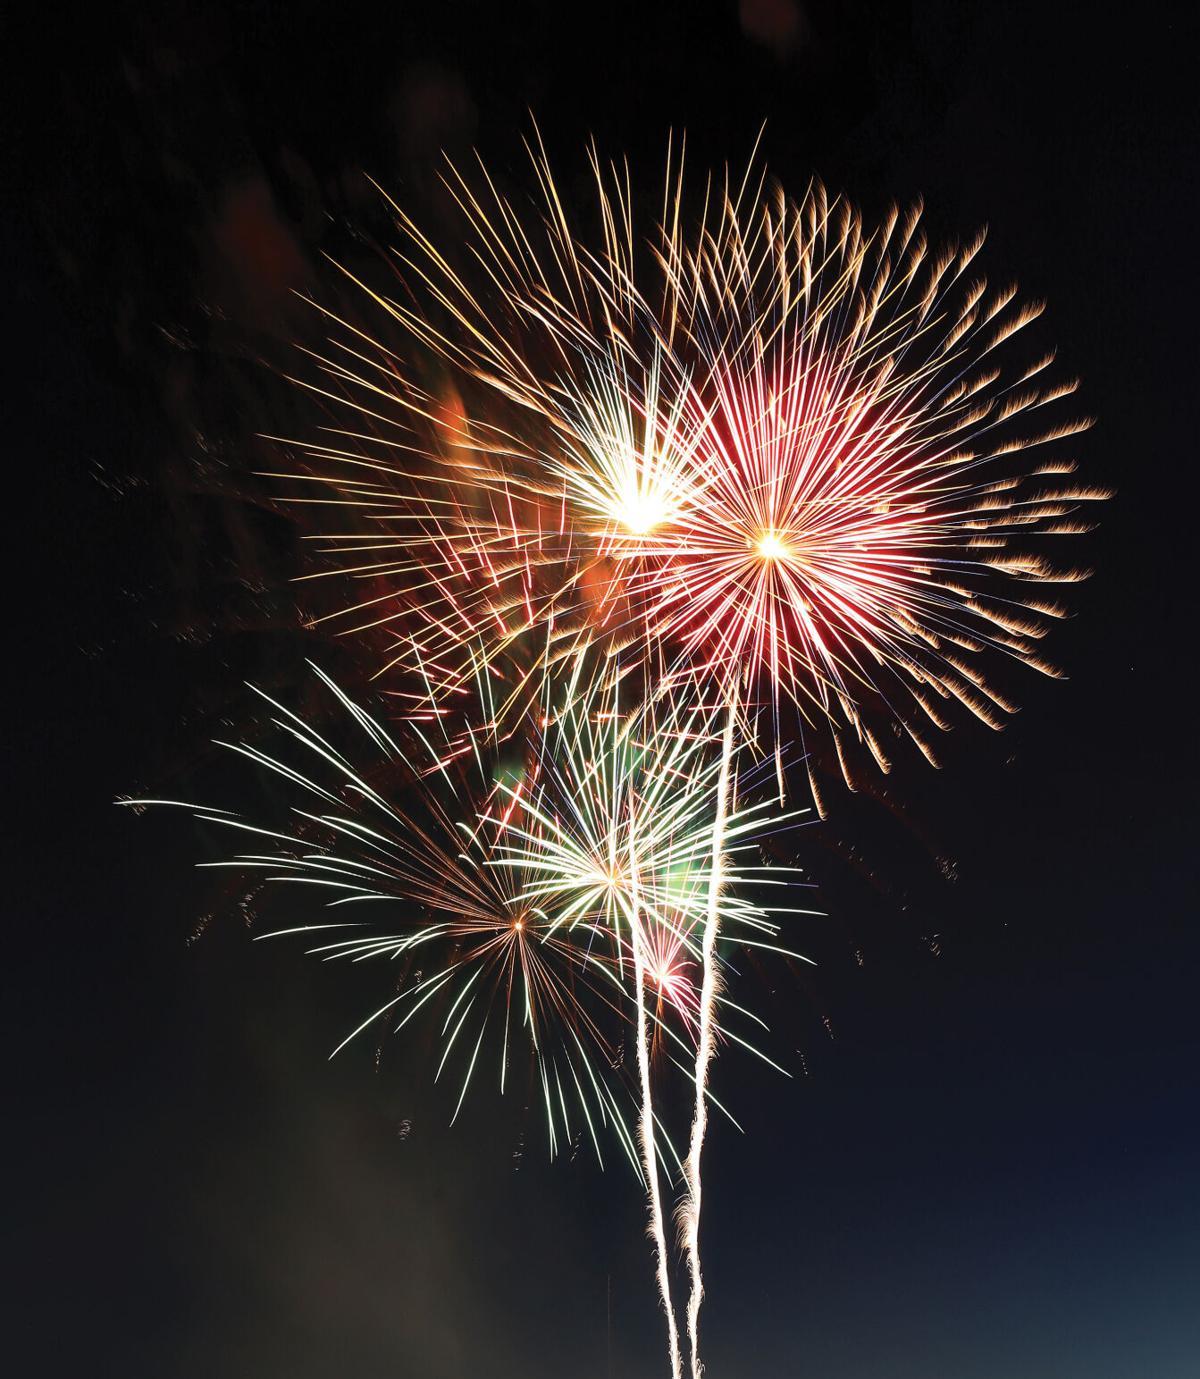 City fireworks show